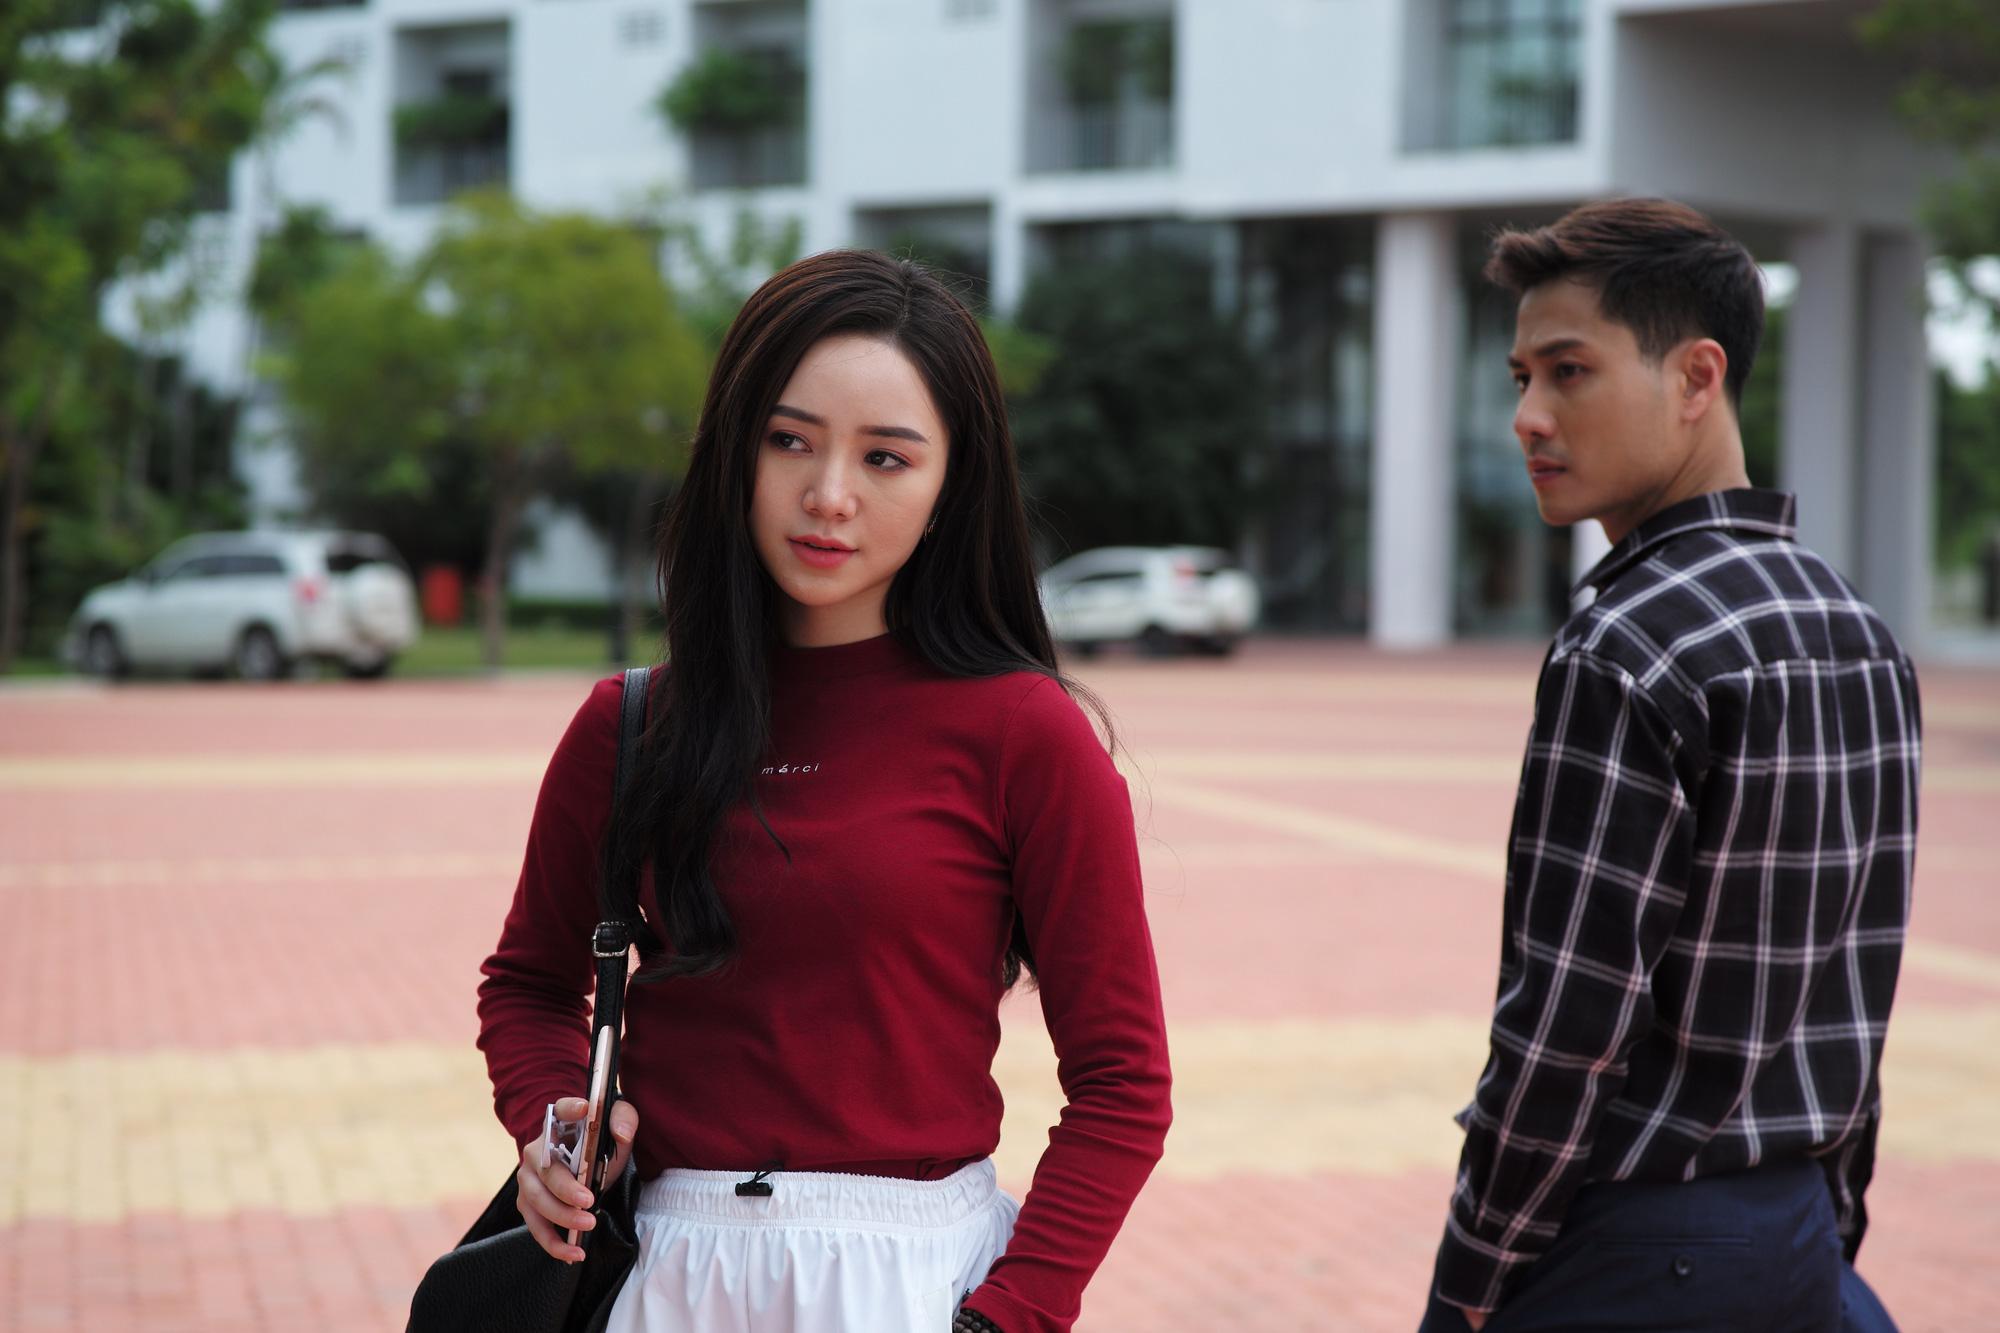 Những phim truyền hình Việt ấn tượng nhất 2020: Phim từng được xem nhiều nhất là một cái tên gây bất ngờ - Ảnh 2.